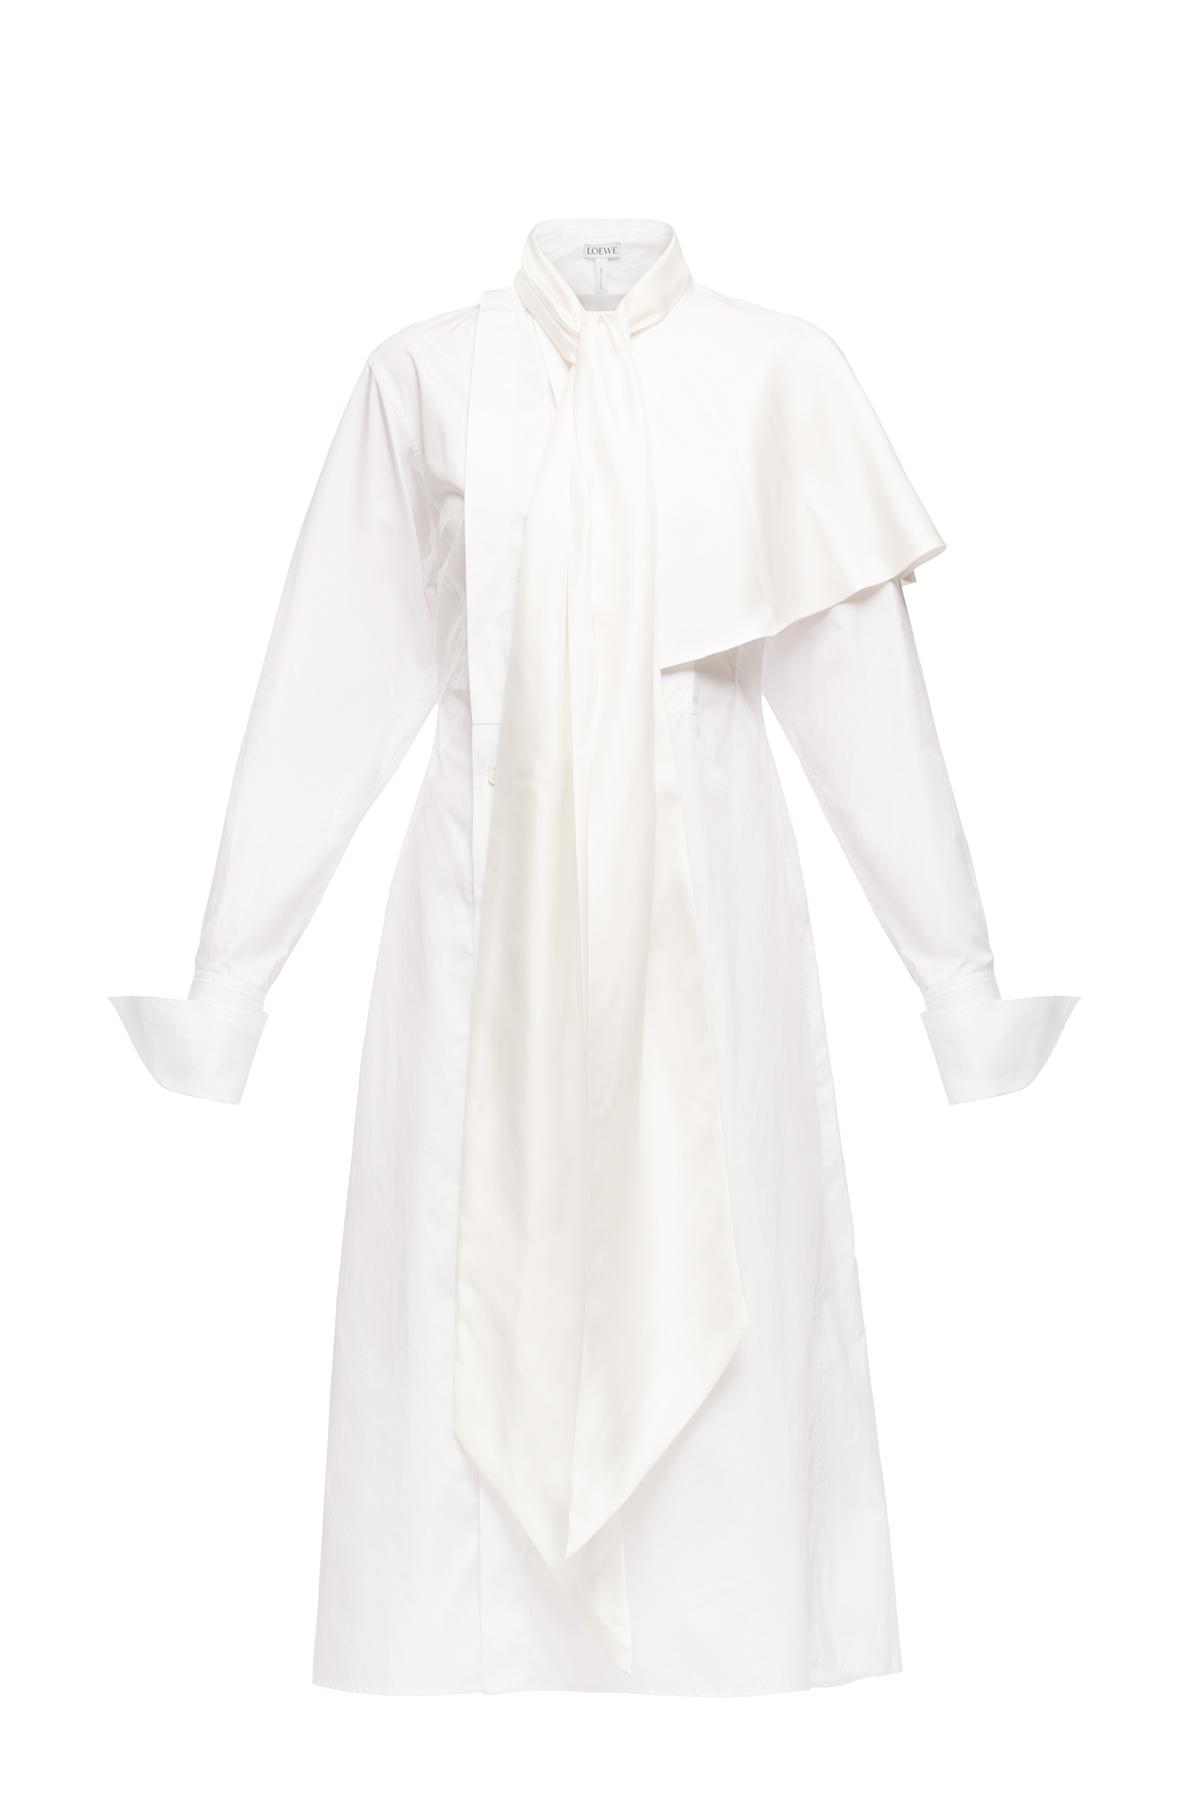 LOEWE Shirtdress ホワイト front